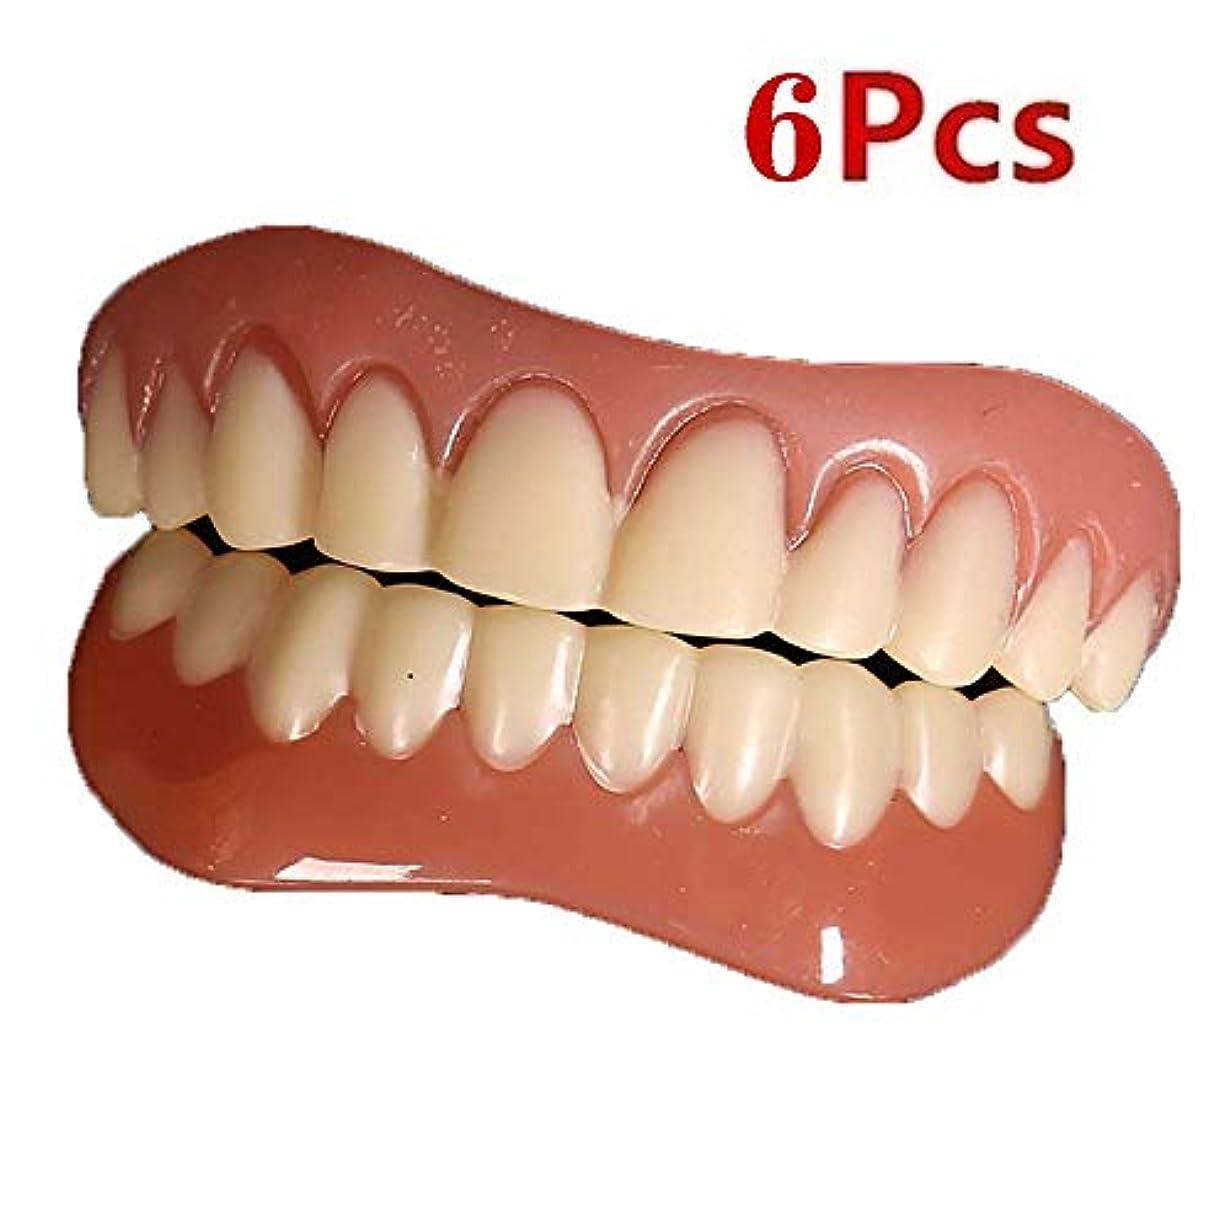 作成者戻す無実6個のインスタントスマイルの歯アッパーロアーベニアの快適さフィットの歯のベニヤ、ワンサイズは数分以内に自宅であなたの笑顔を直す